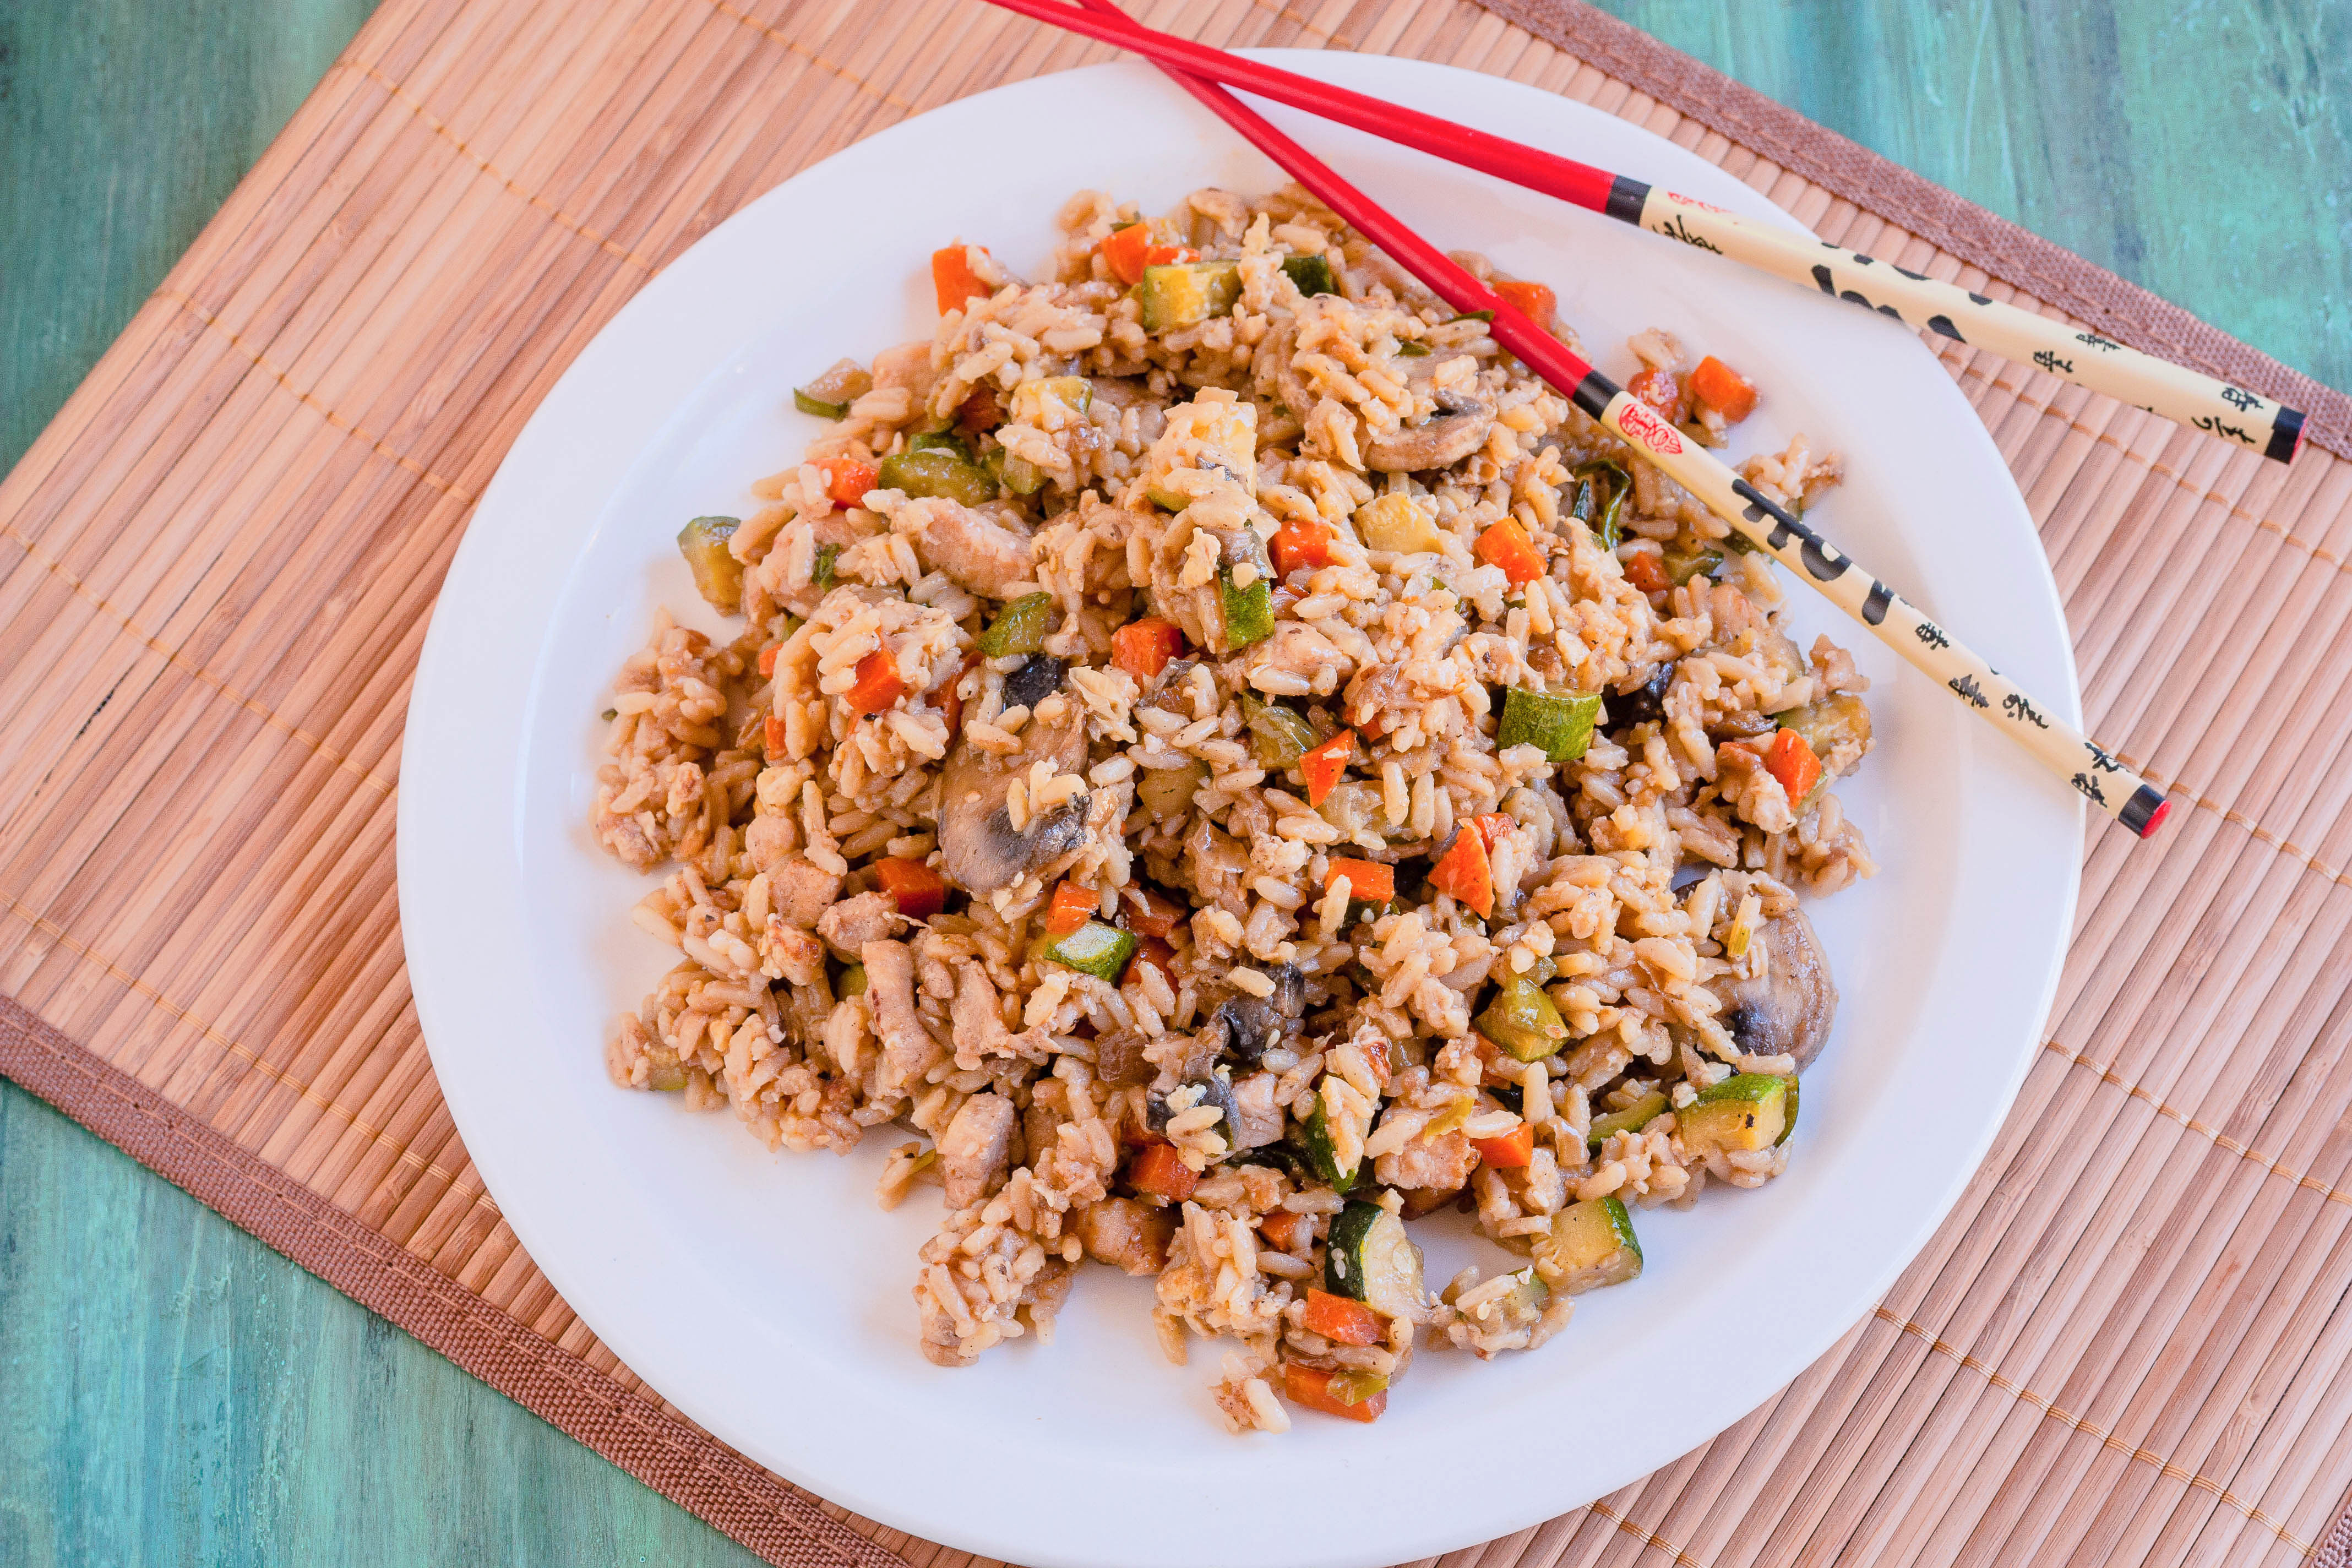 Japanese Fried Rice Recipe (Hibachi Style) - i FOOD Blogger |Hibachi Style Fried Rice